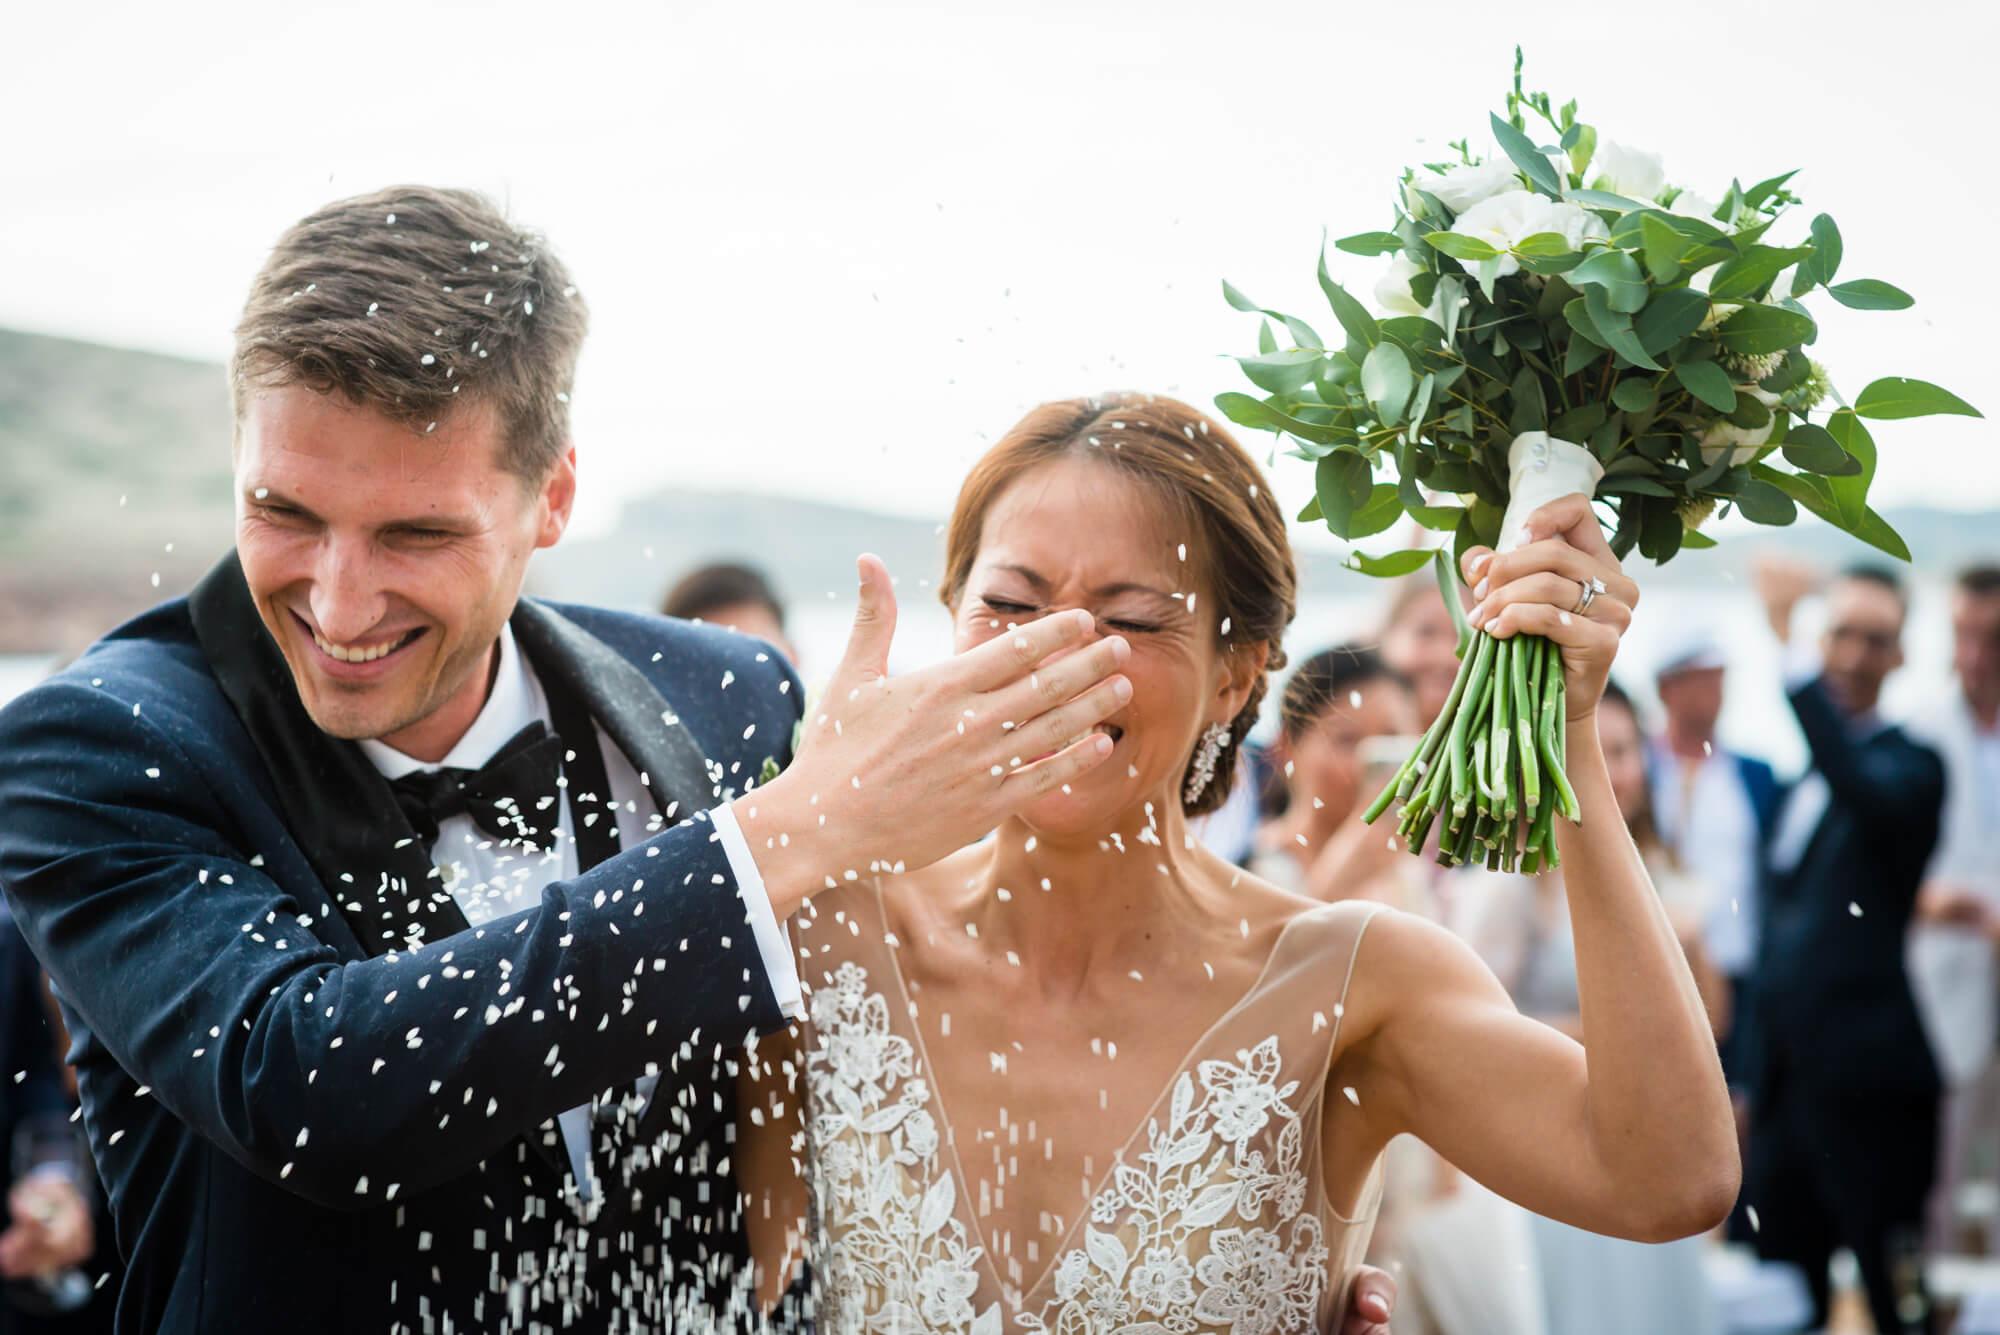 bride groom exit rice confetti moment